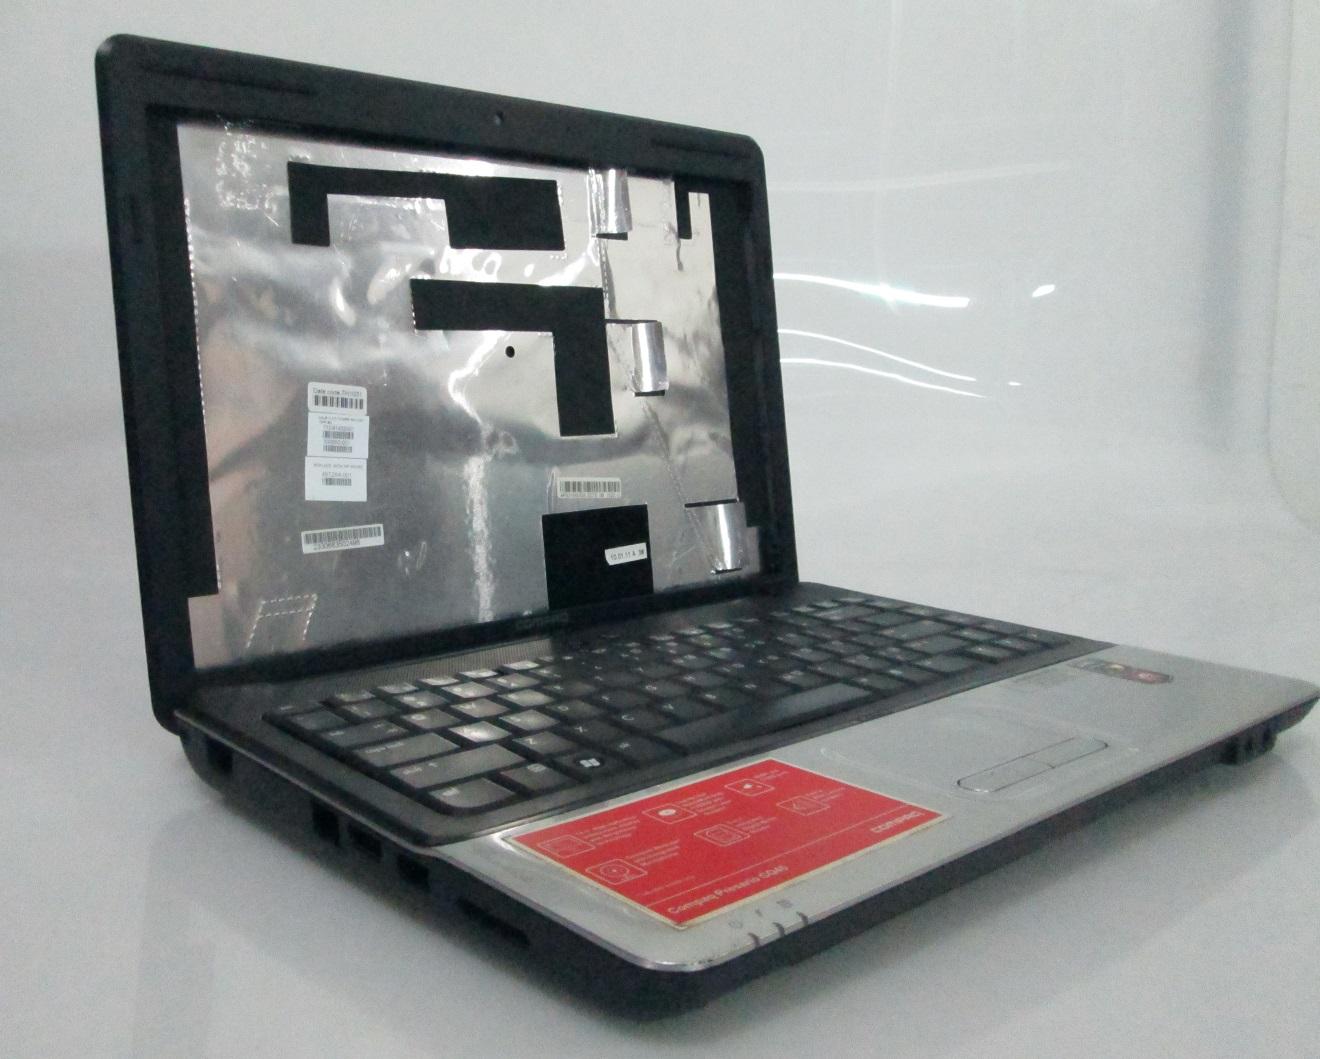 case laptop CQ40